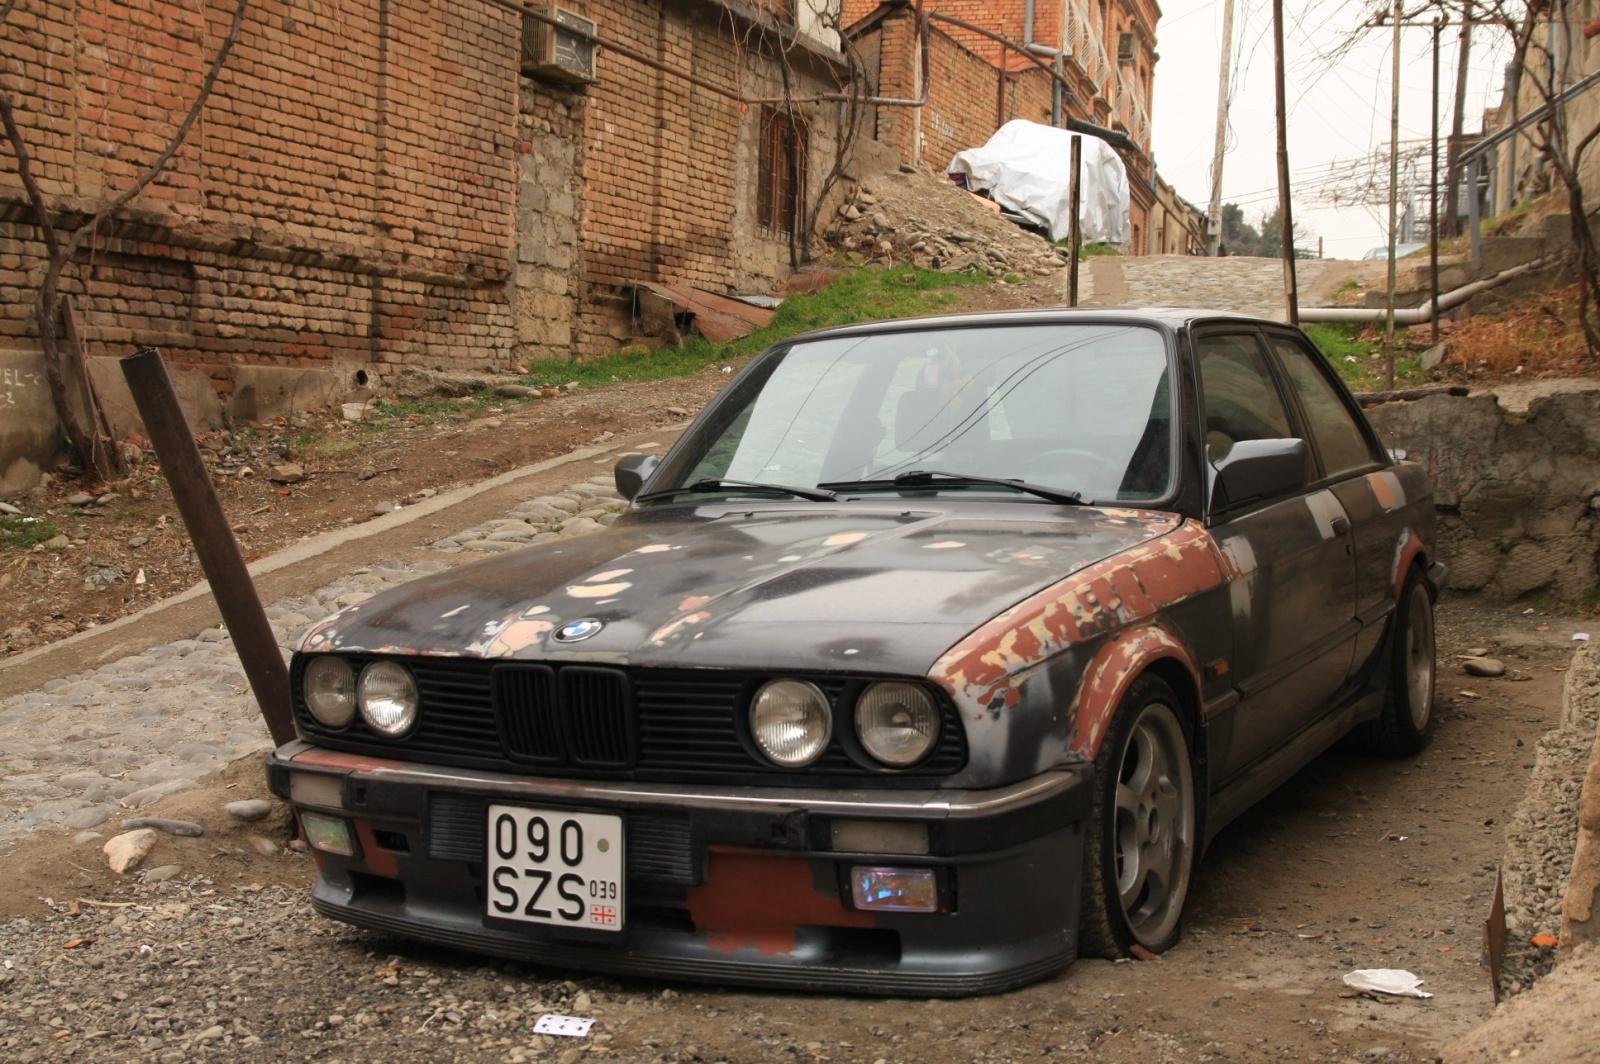 Georgian hooligan's car